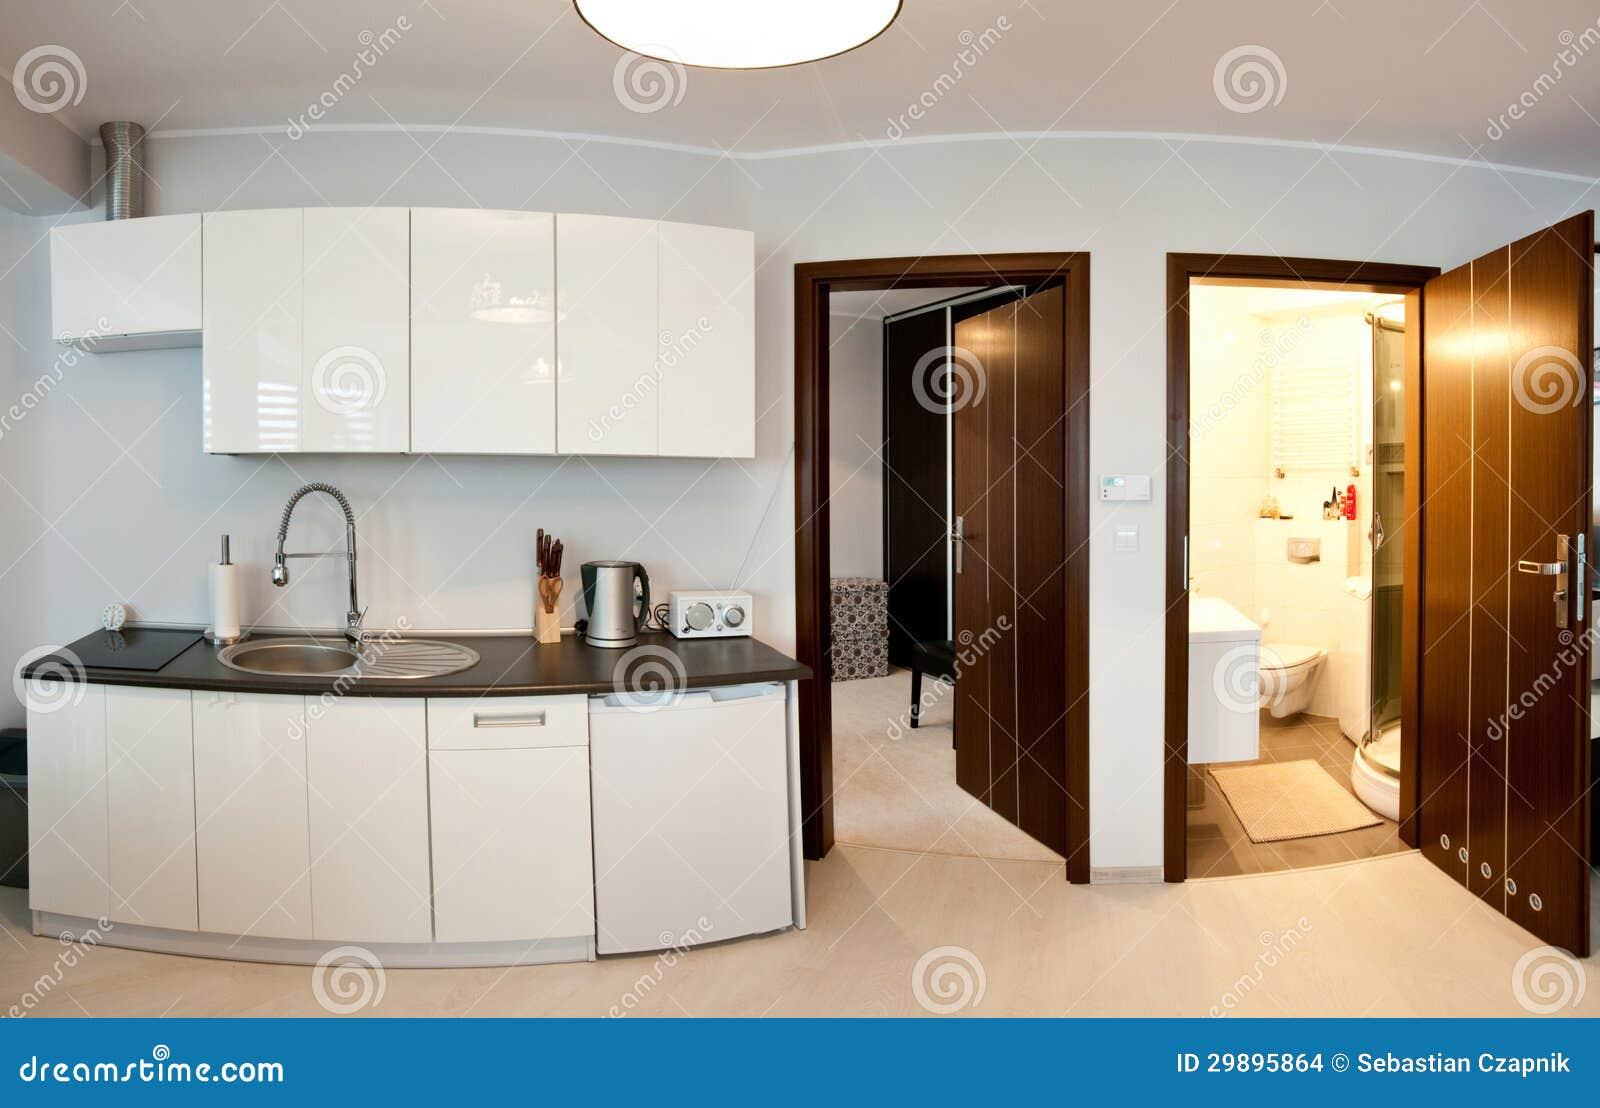 Cozinha e banheiro